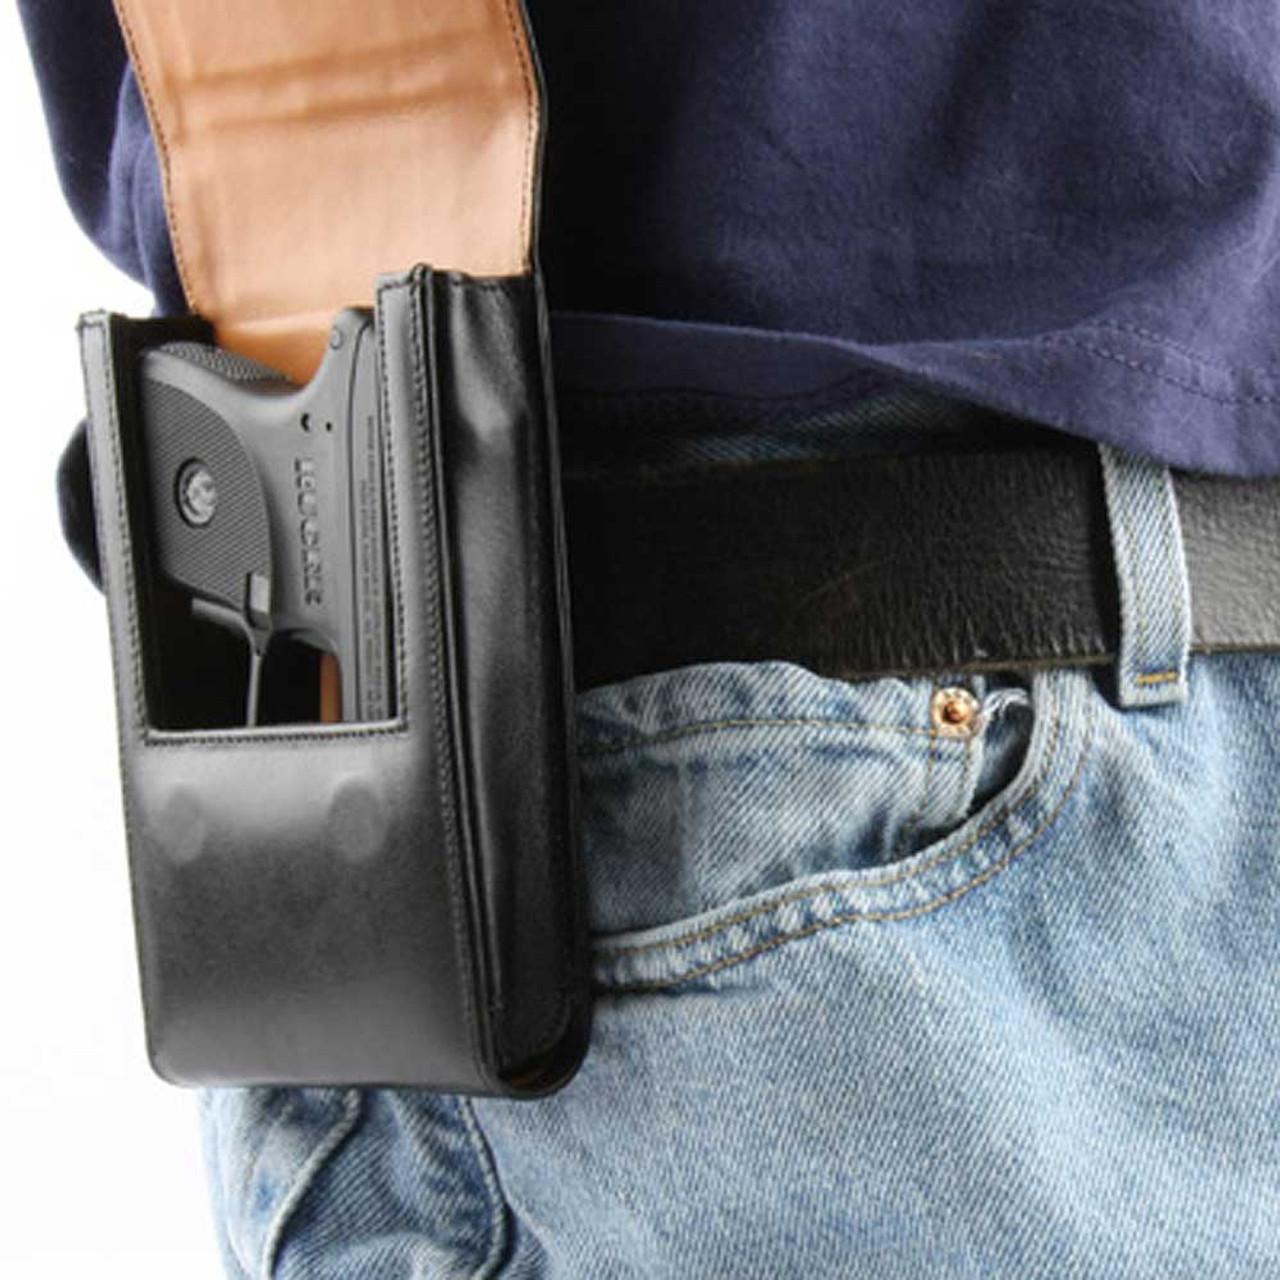 Diamondback DB9 Concealed Carry Holster (Belt Loop)